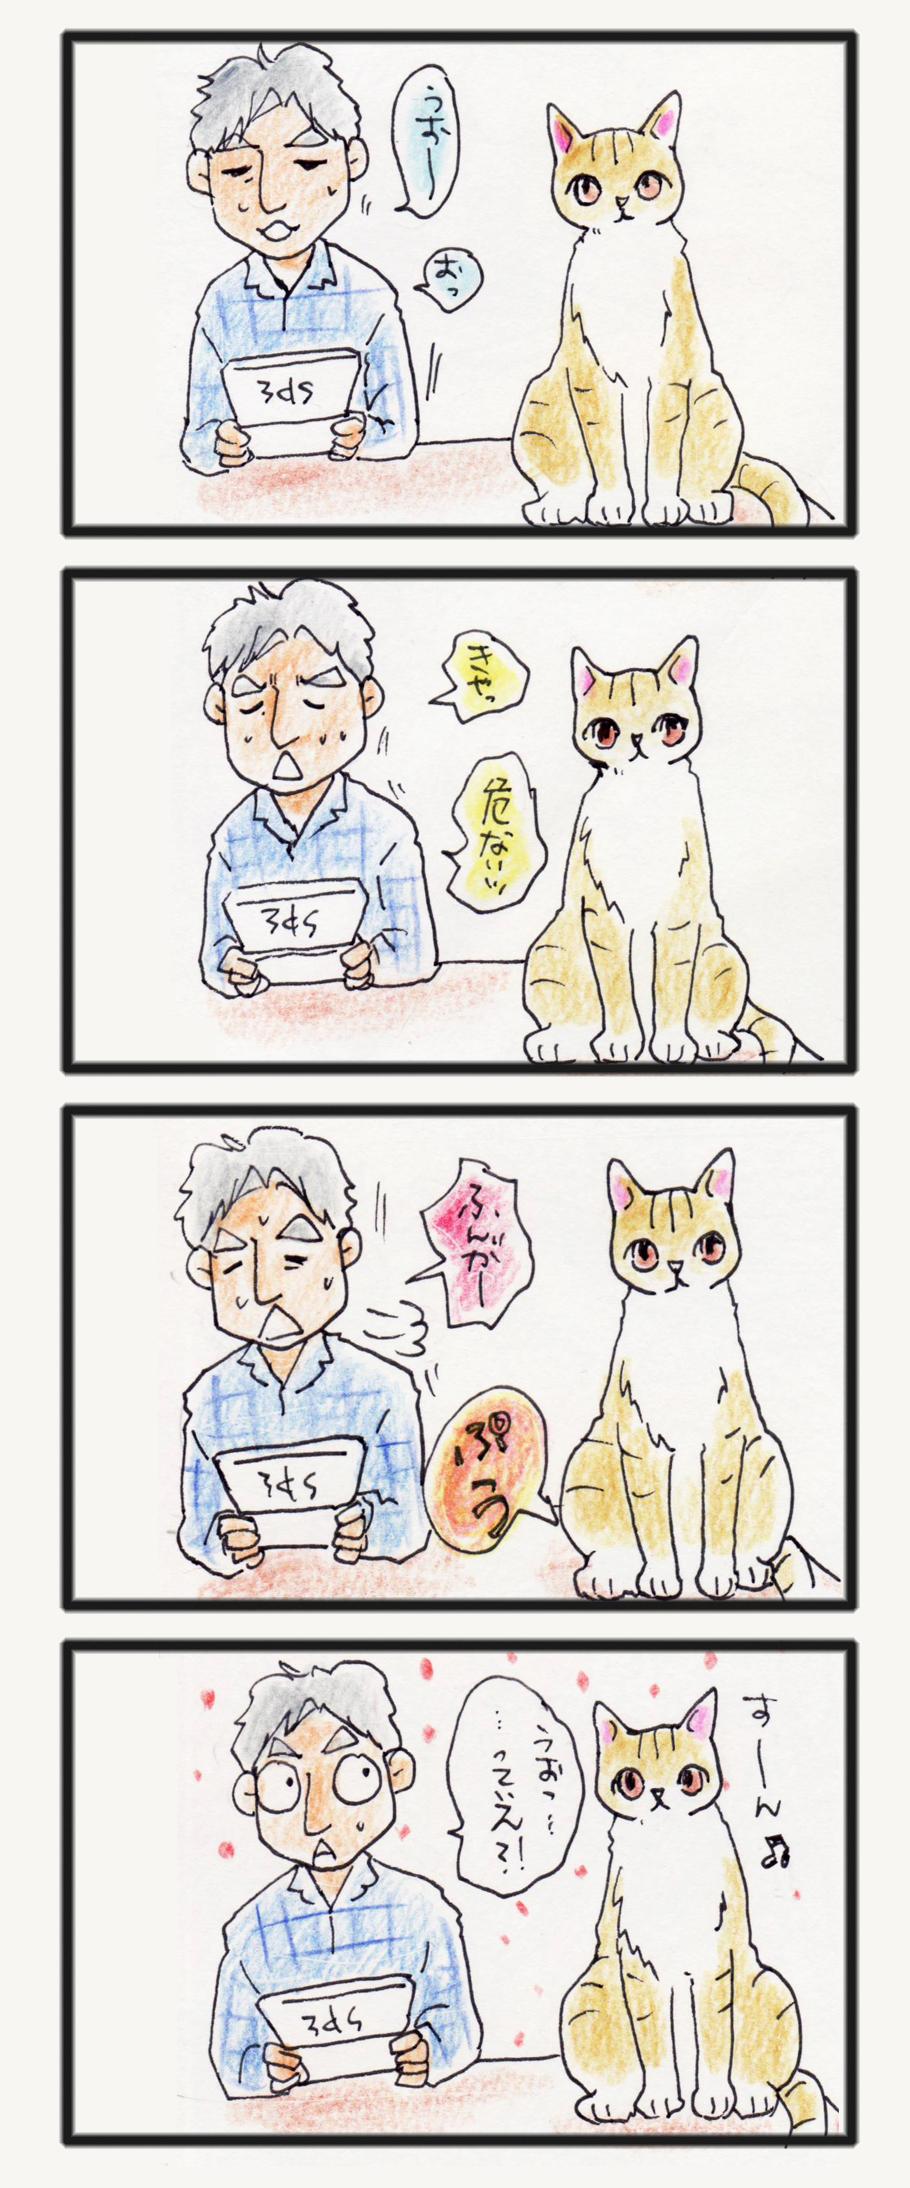 comic_4c_14042401.jpg